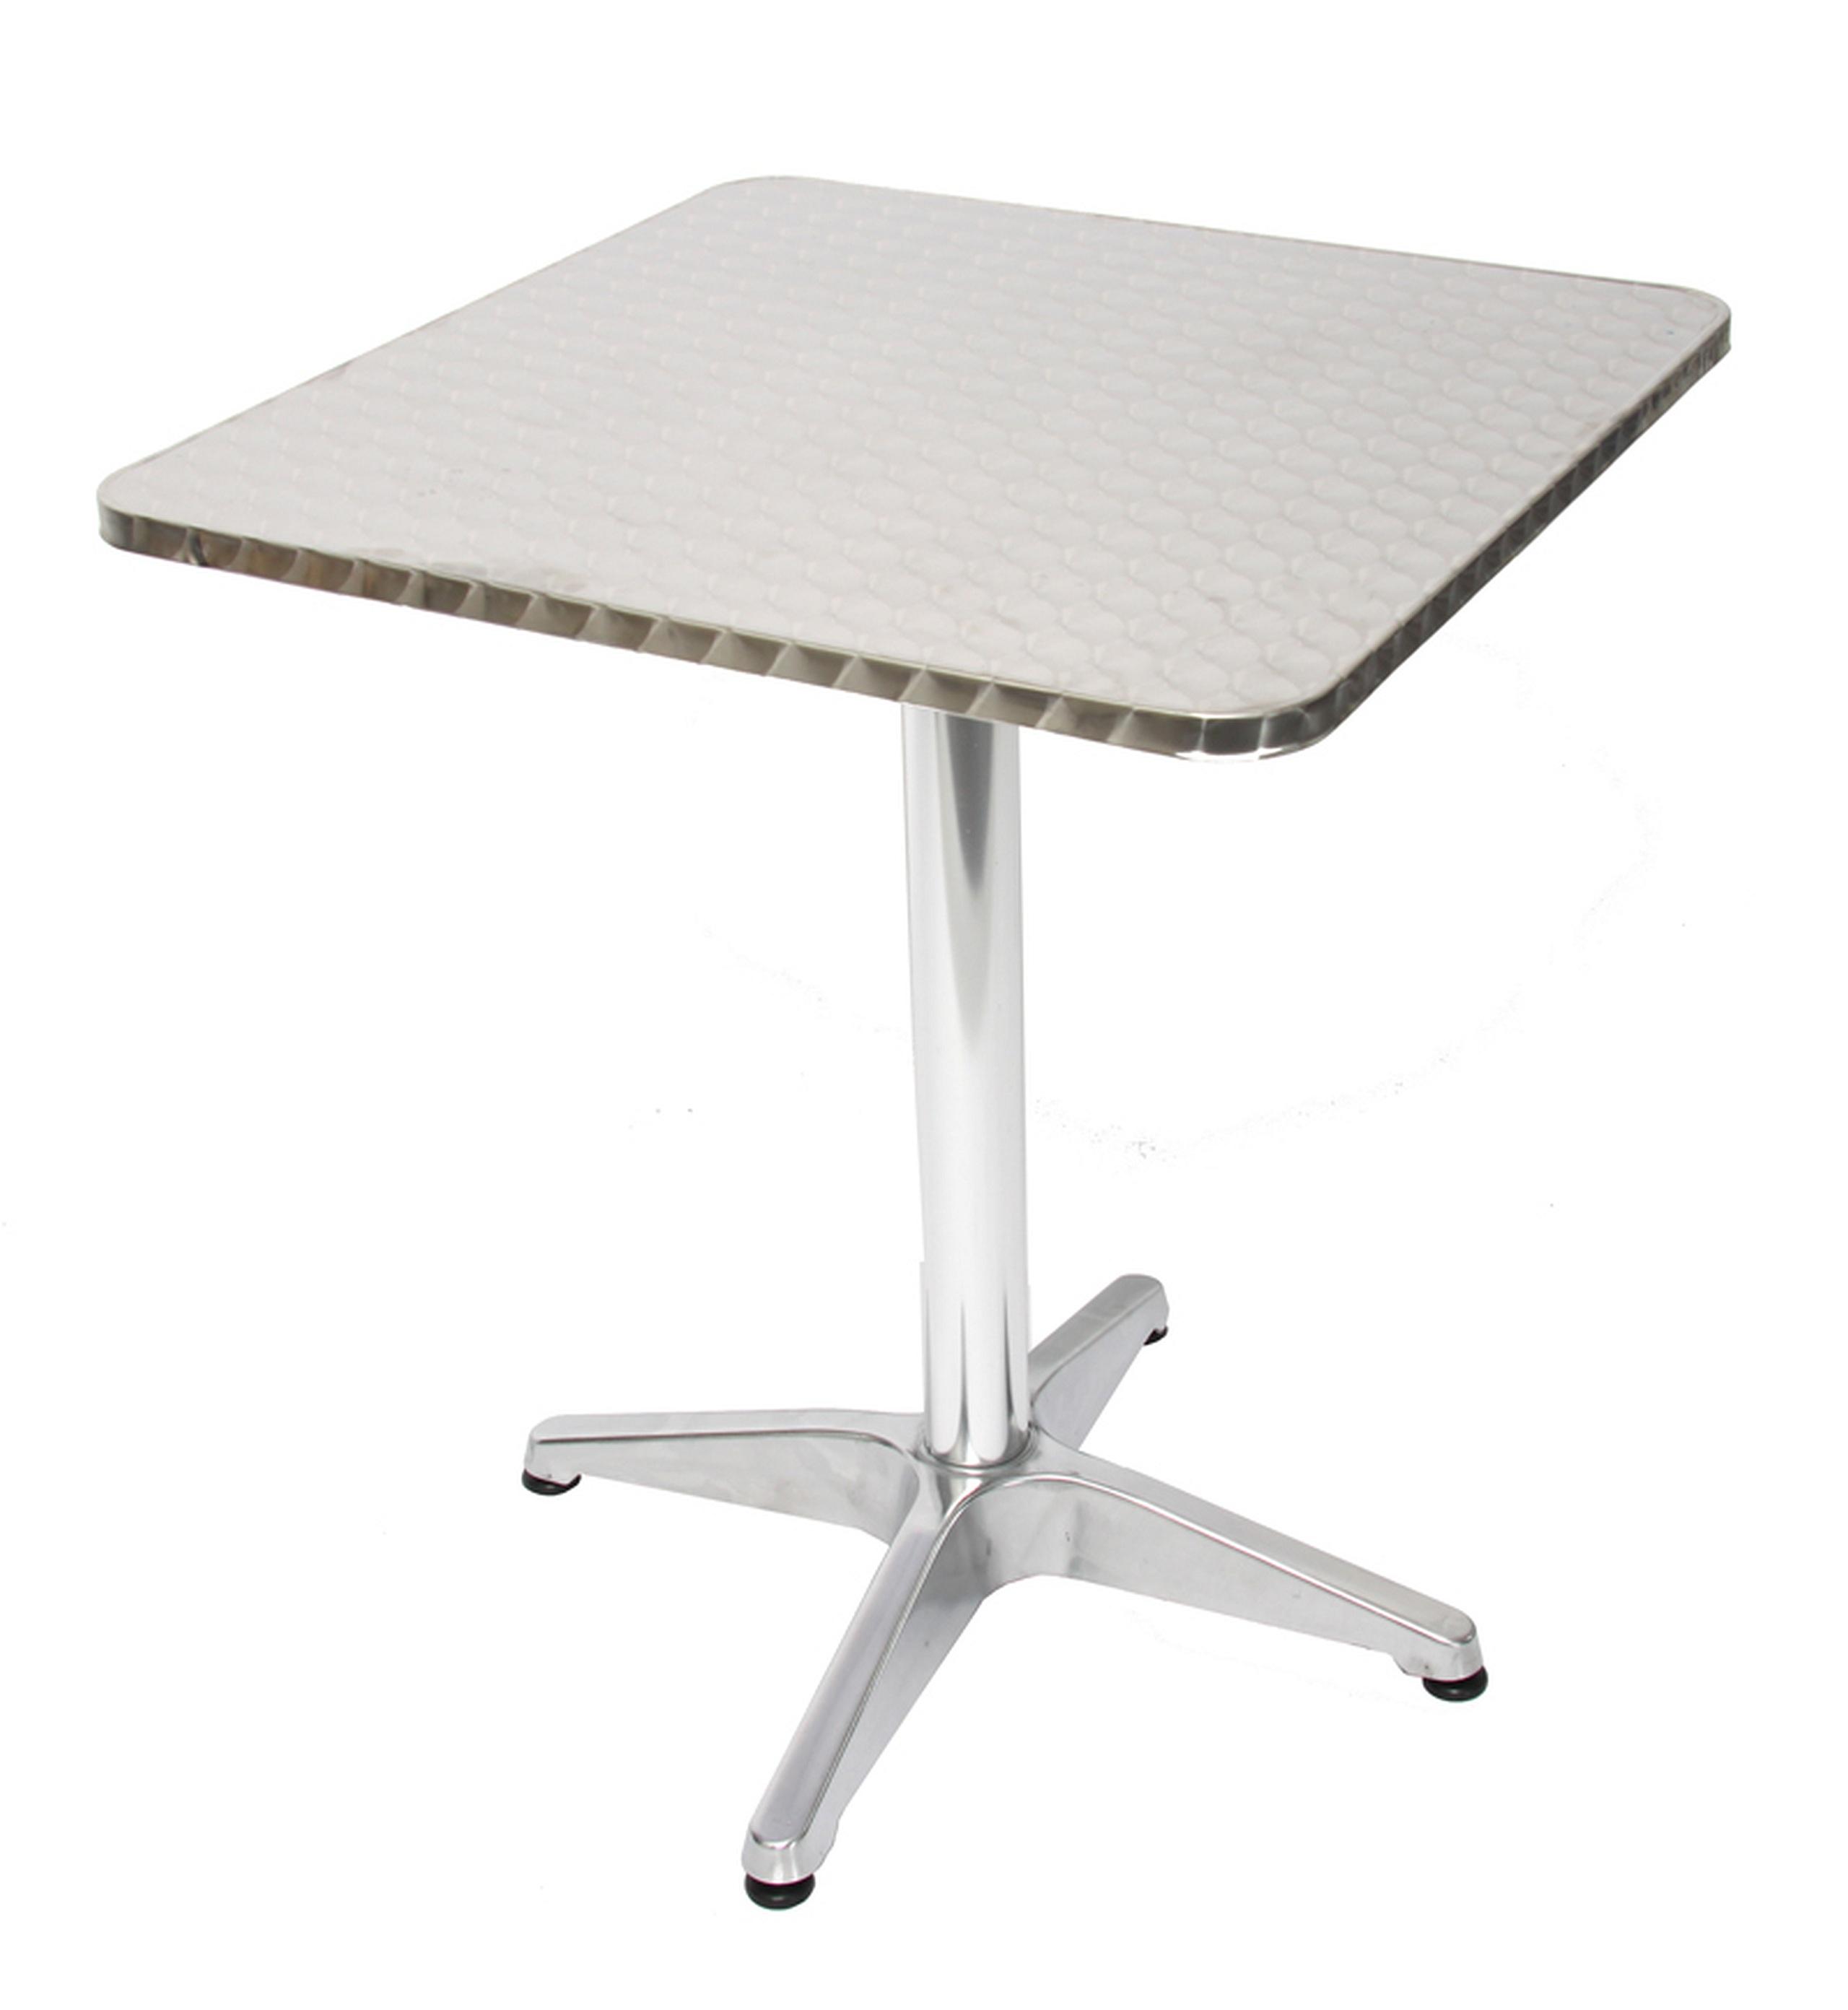 Alu Tisch Bistrotisch Eckig Wetterfest 60x60x70cm Kaufen Bei